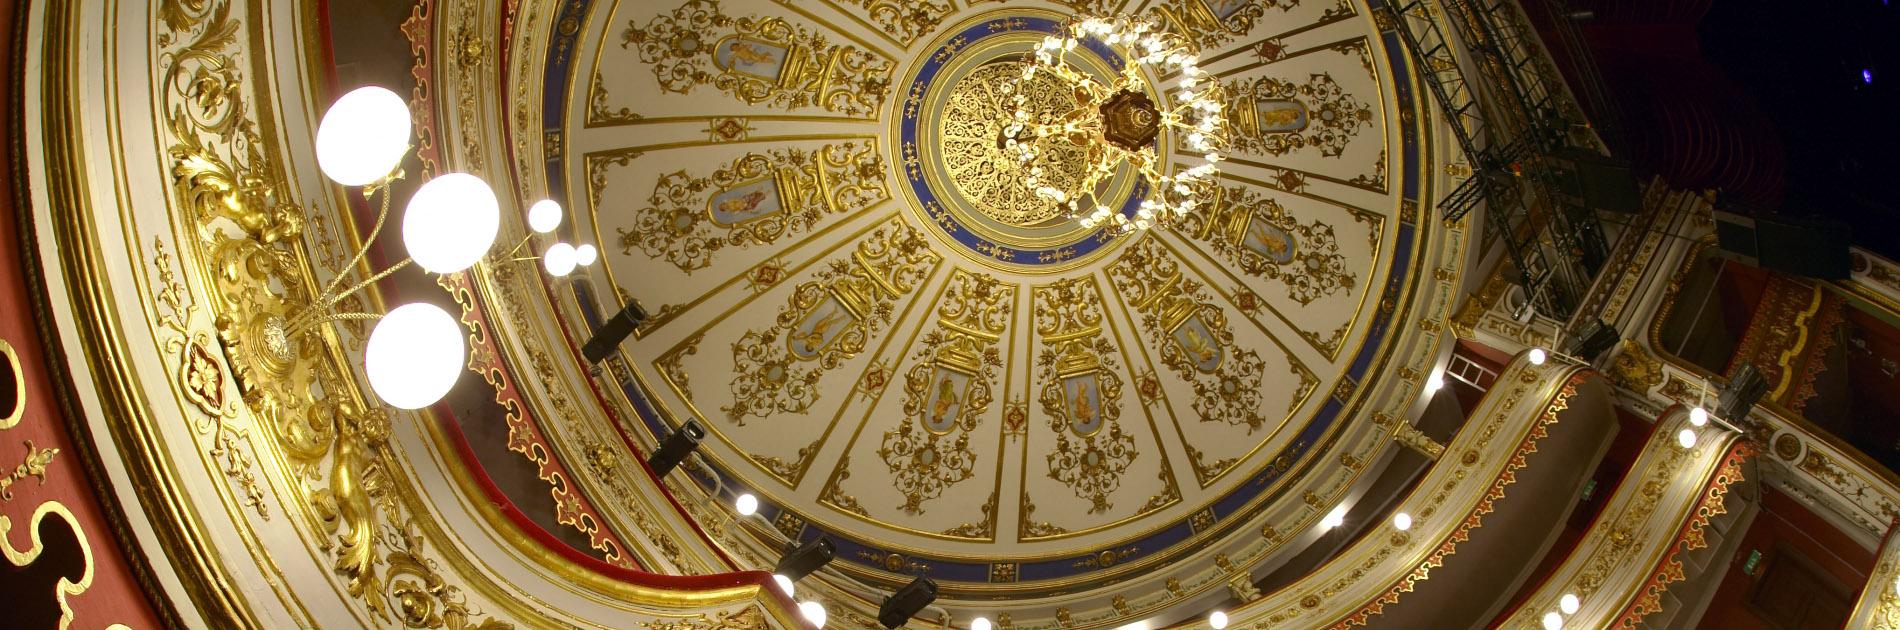 Insidan av Stora Teaterns dekorativa guldtak från 1859.